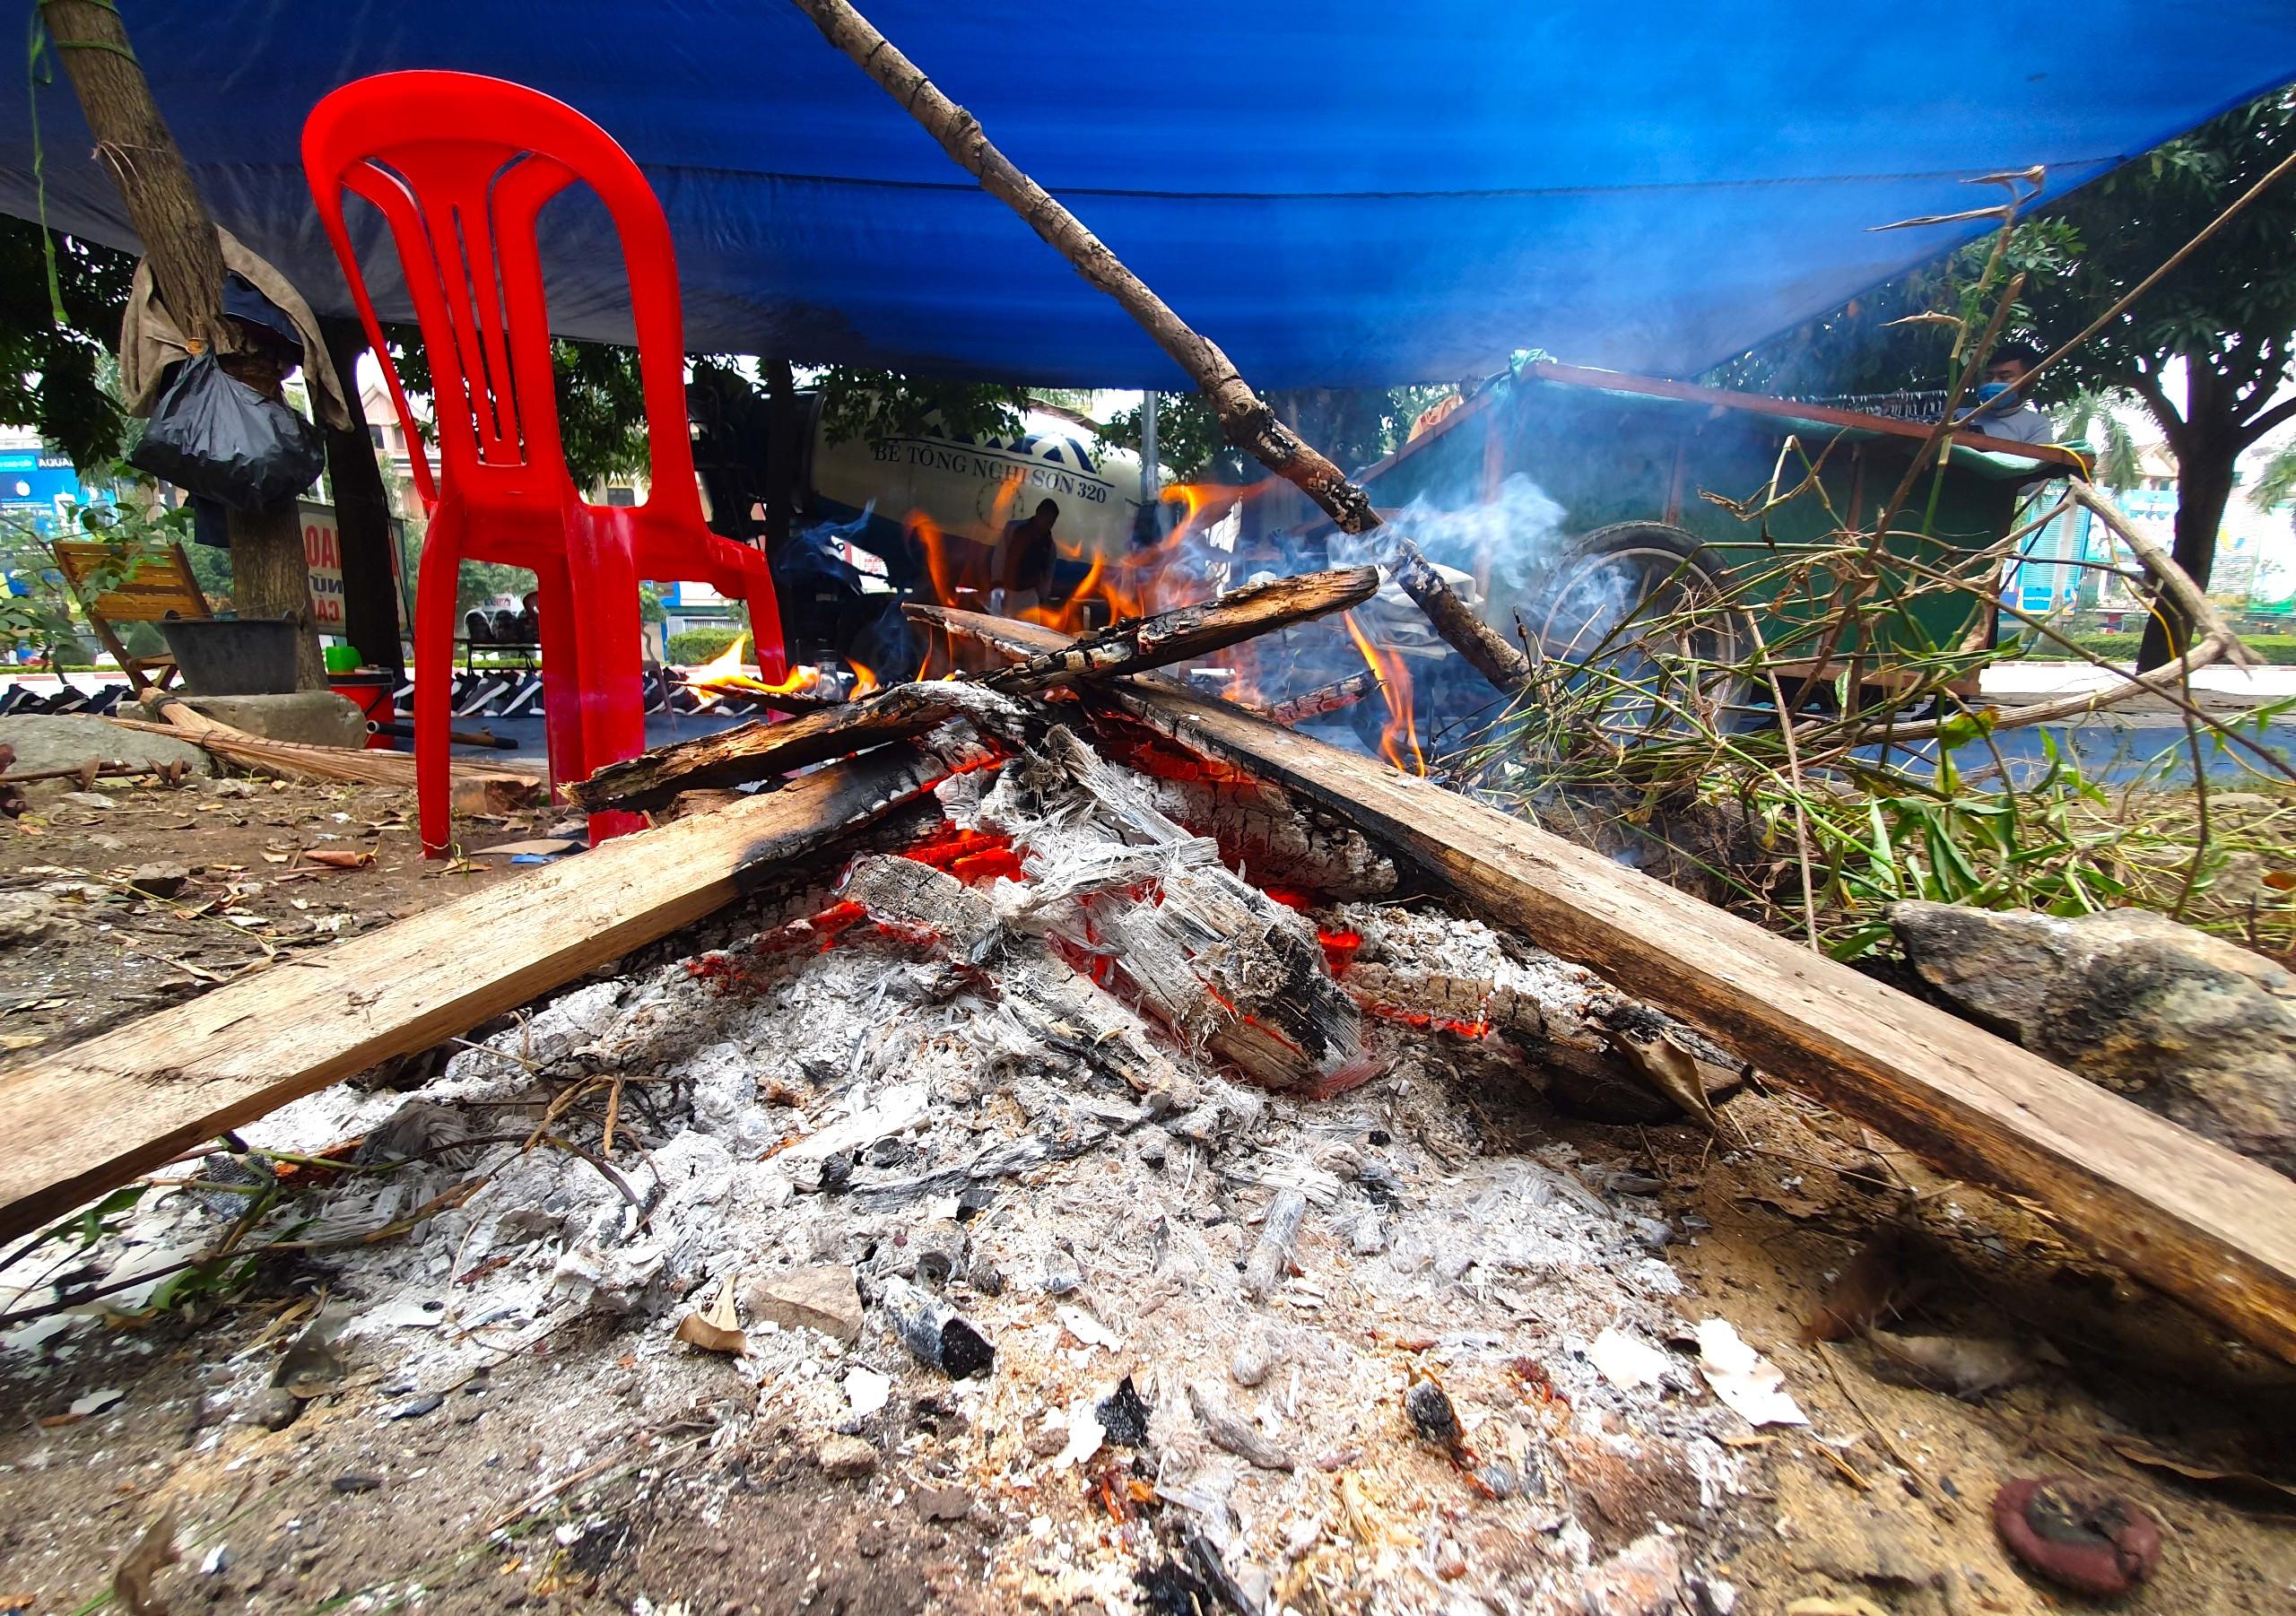 Rét cắt da cắt thịt, người dân vơ củi nhóm lửa sưởi ấm mưu sinh ở TP Vinh - Ảnh 3.